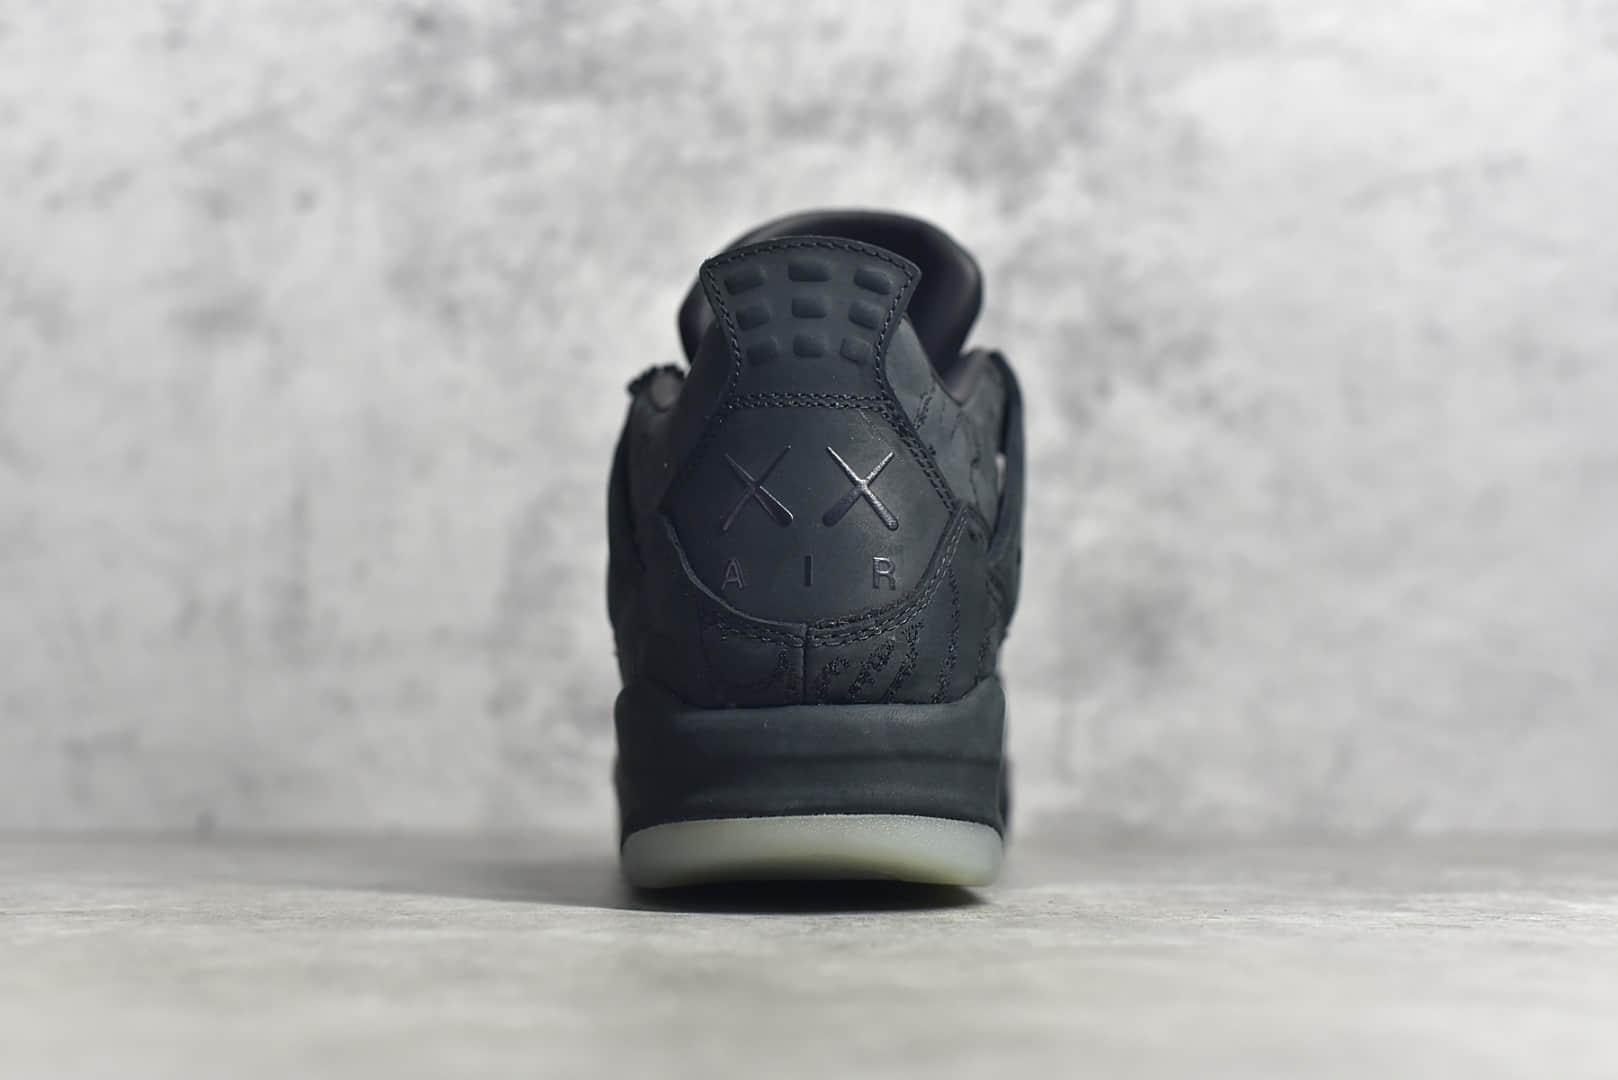 AJ4 Kaws联名黑色麂皮高帮 AJ1限量版天价鞋 Air Jordan 4 Kaws Black黑色AJ复刻 货号:930155-001-潮流者之家